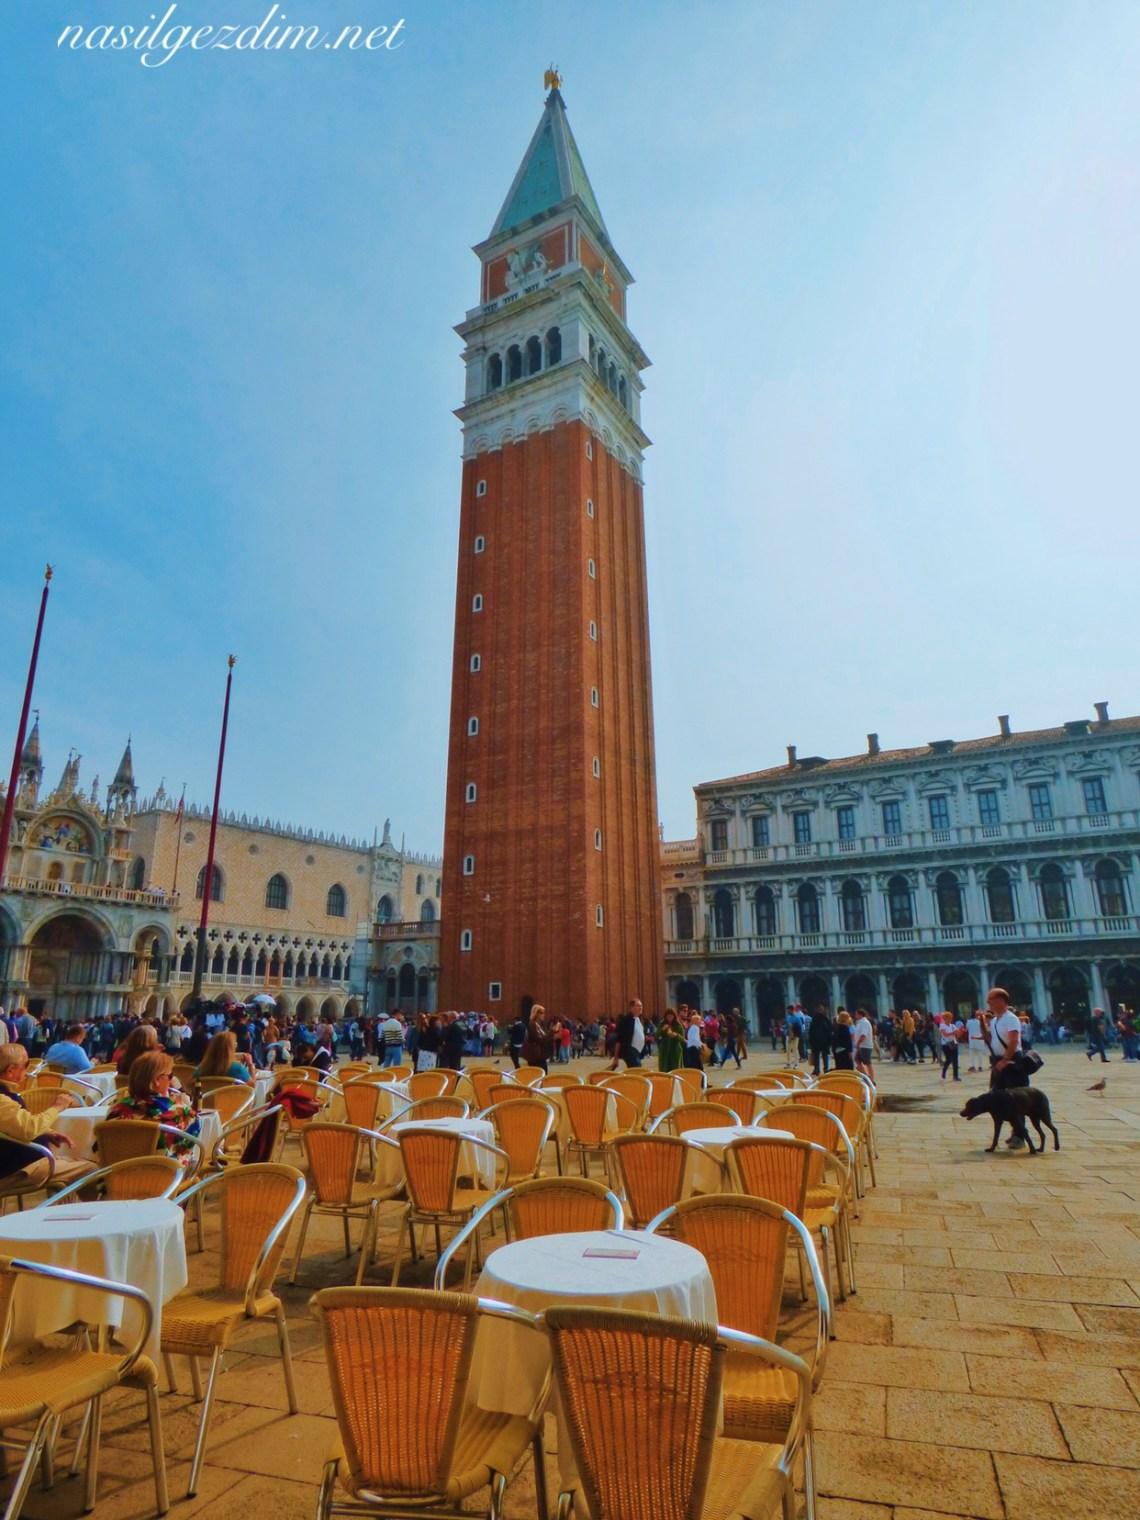 venedik gezi rehberi, venedik gezilecek yerler, venedik gezisi, nasil gezdim, nasilgezdim, St Marc's Campanile tower